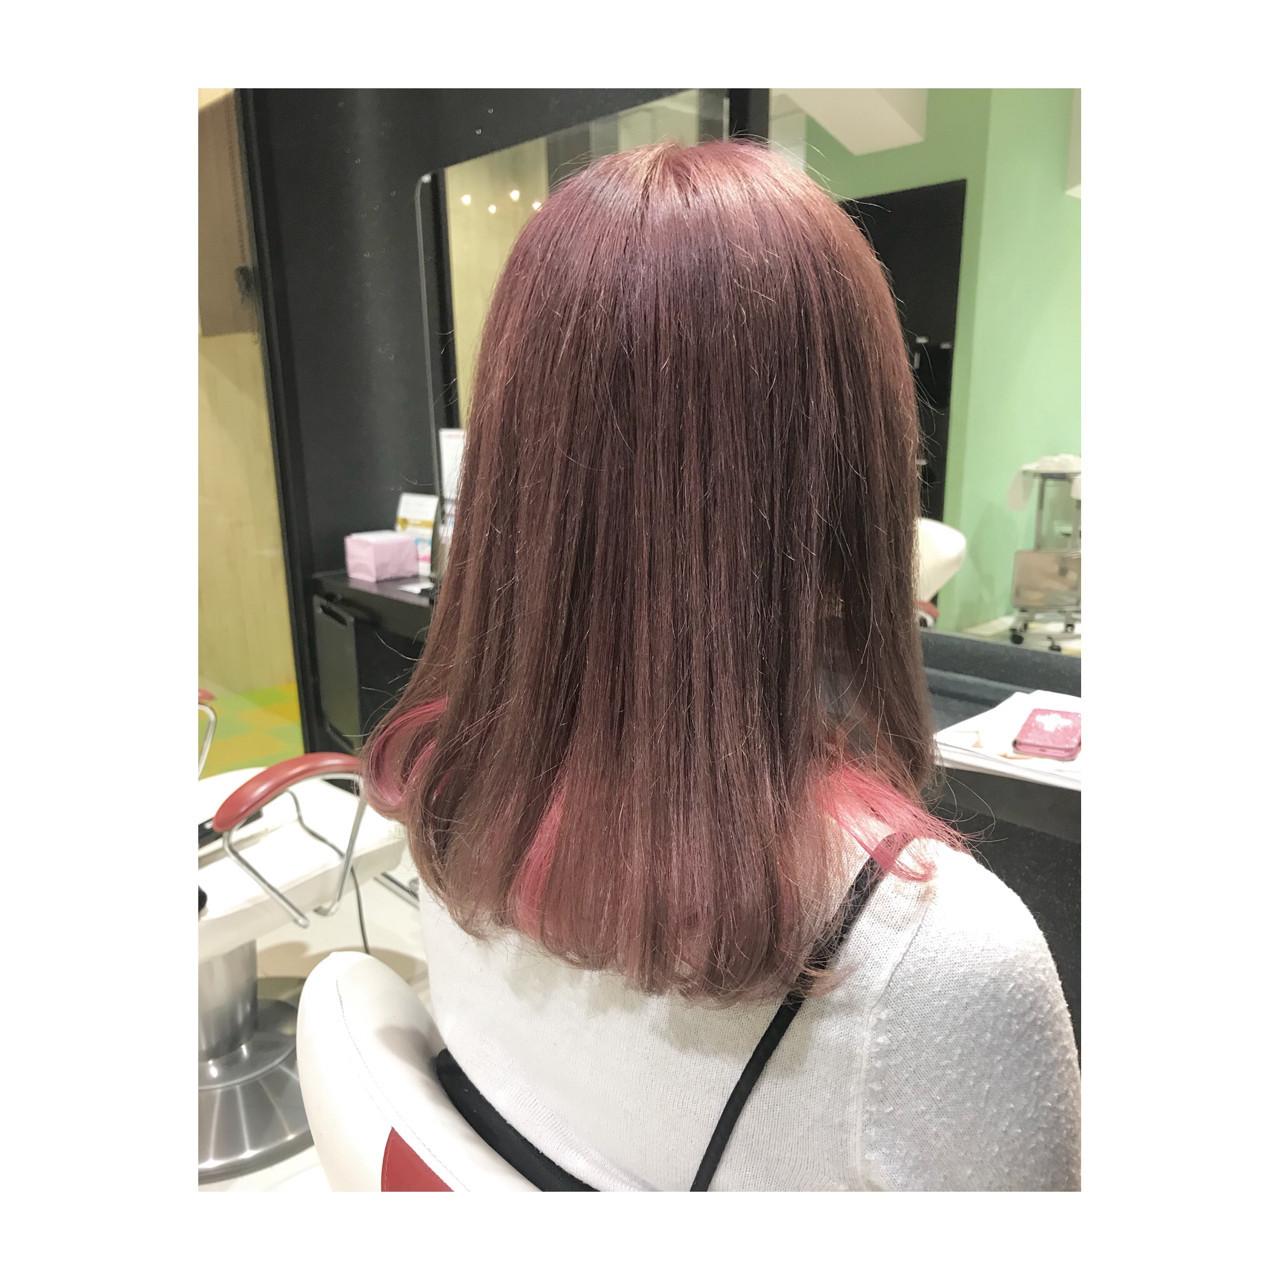 インナーカラー ミディアム ラベンダーアッシュ ピンクアッシュ ヘアスタイルや髪型の写真・画像